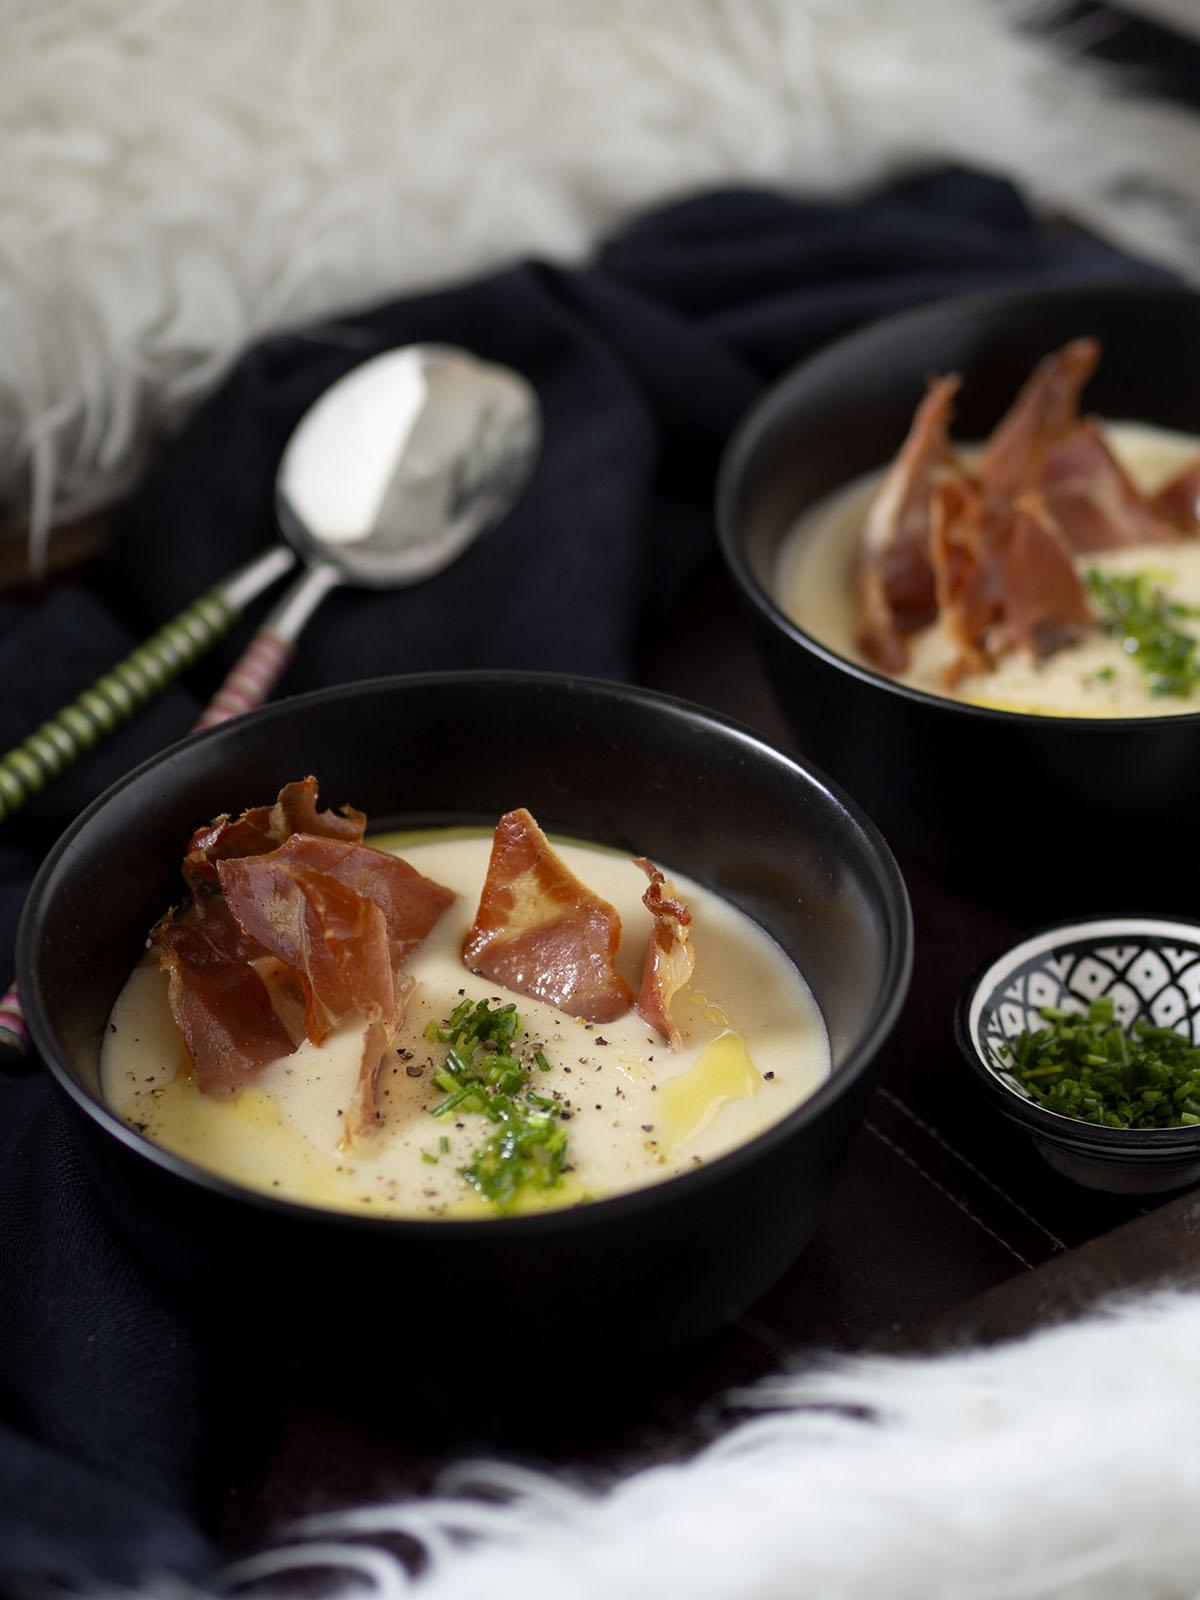 βελουτέ σούπα πατάτας με λάδι τρούφας και τραγανό προσούτο